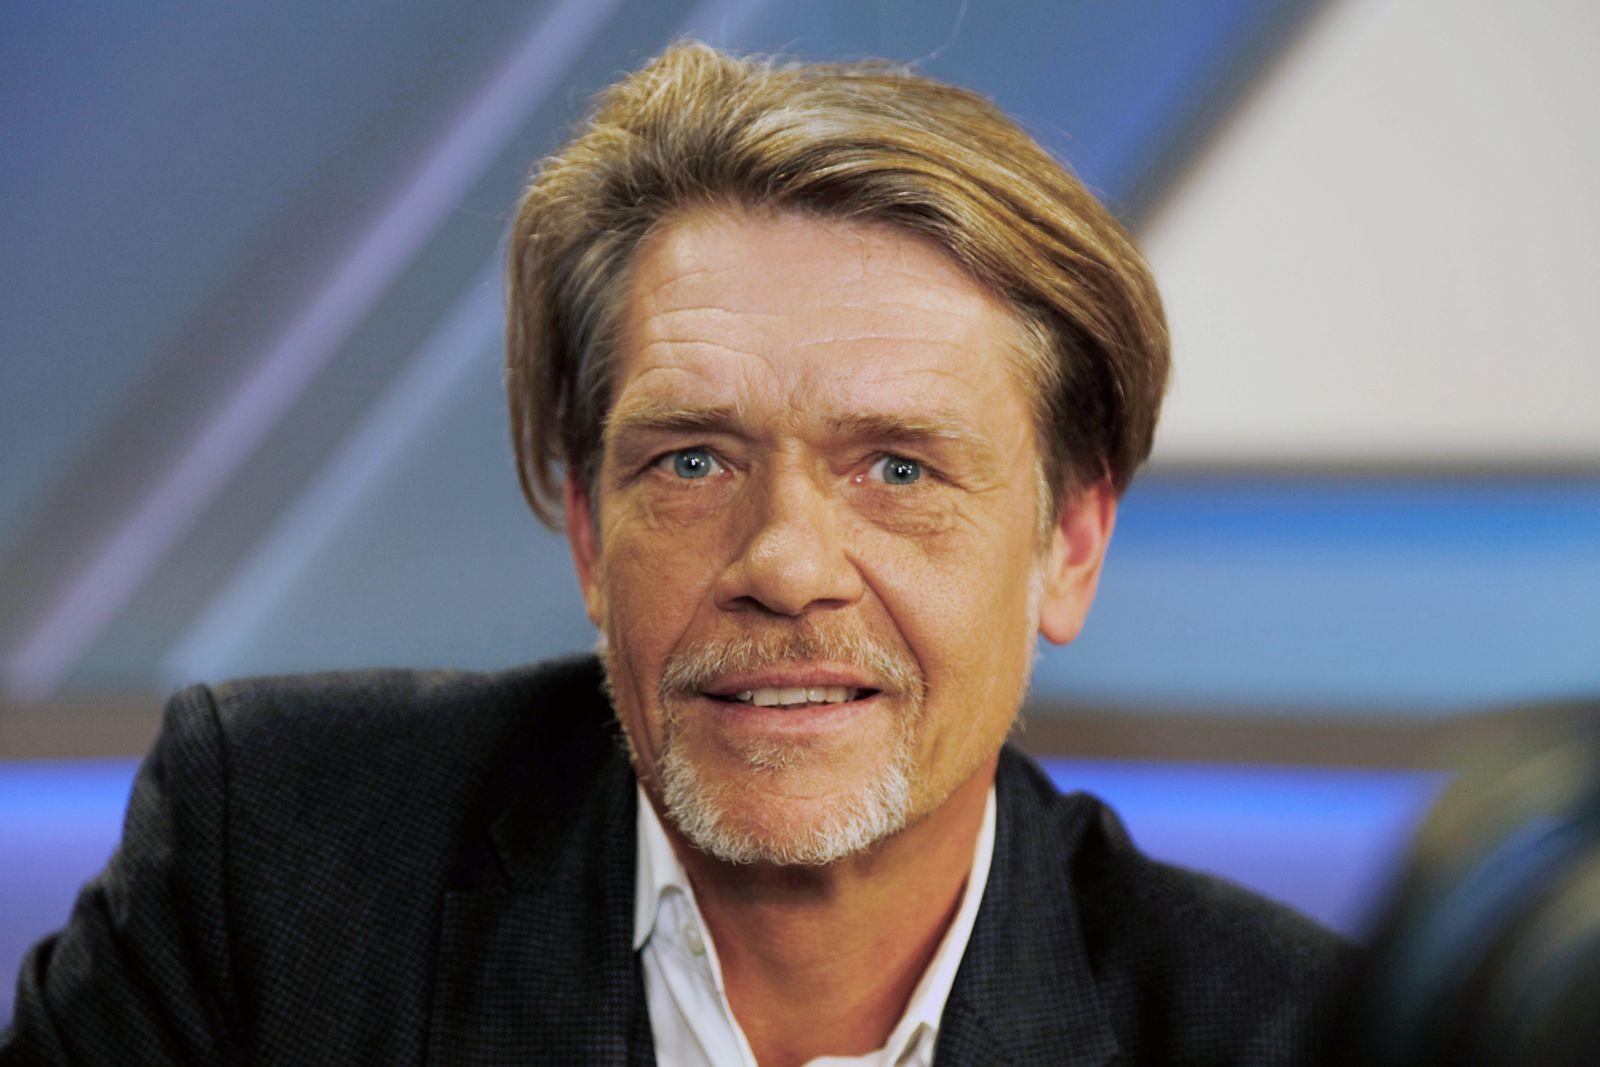 maischberger. die woche, Talkshow, WDR Hajo Schumacher (Autor) *** maischberger die woche, talk show, WDR Hajo Schumach